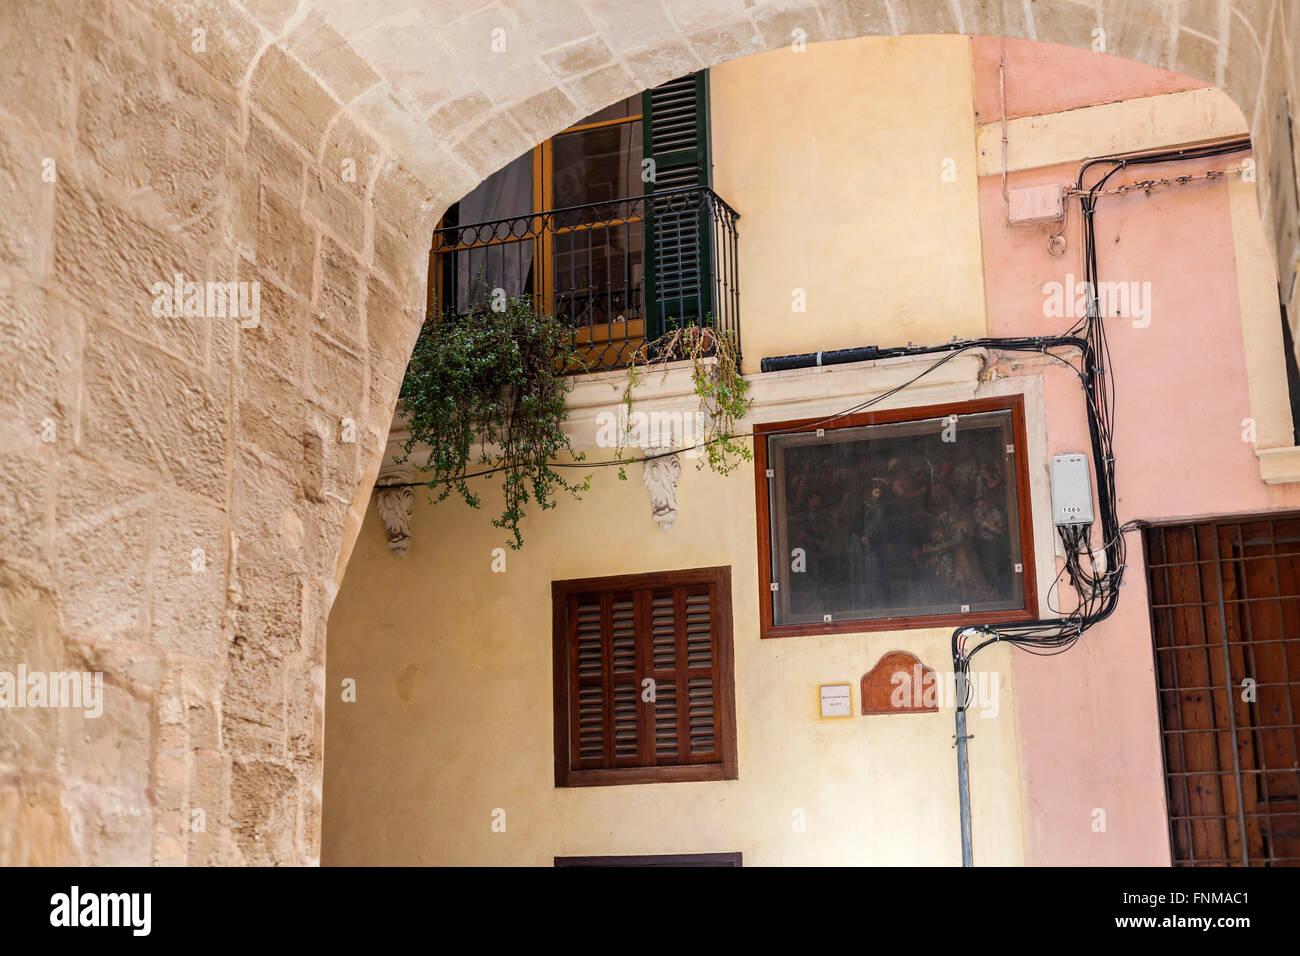 Street facade detail colores,Palma de Mallorca, Balearic Islands, Spain. - Stock Image